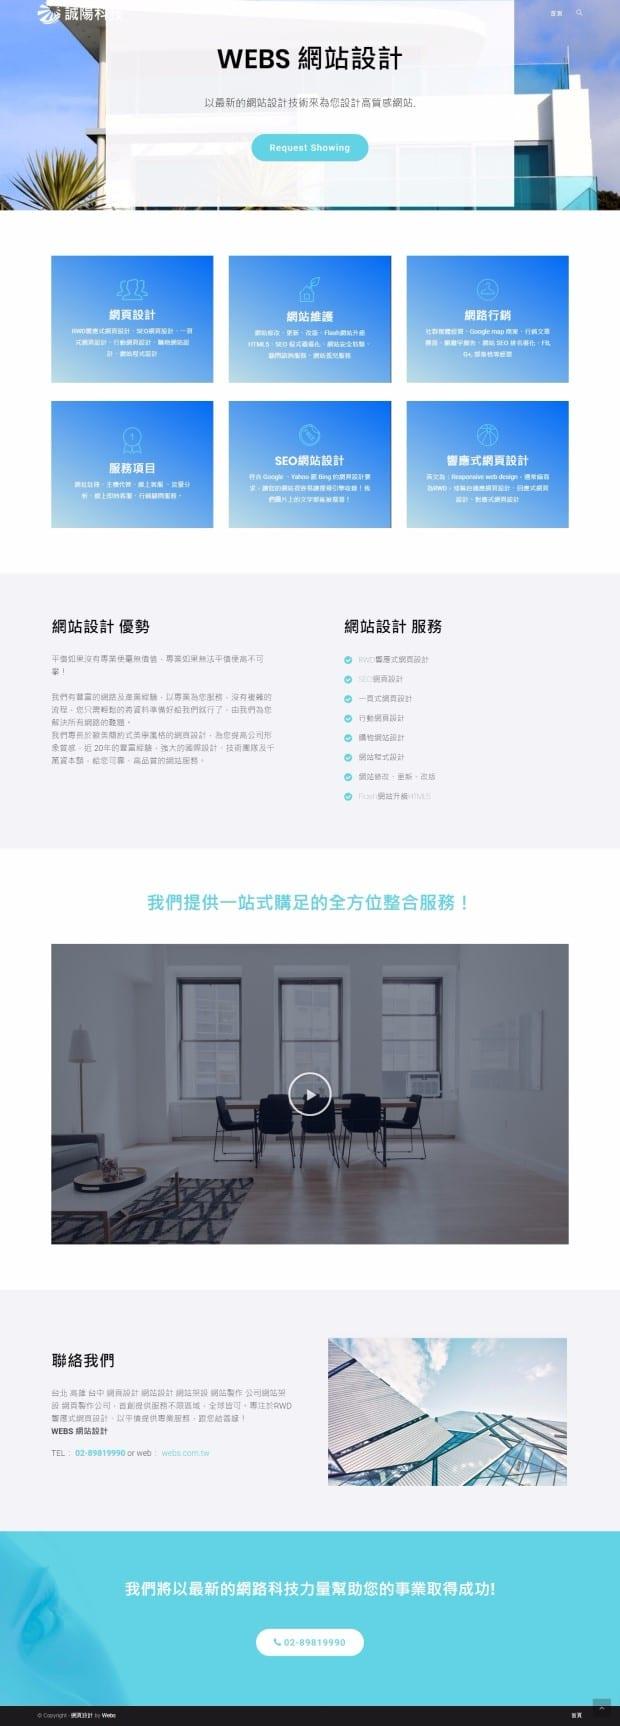 網頁設計-風格56-1